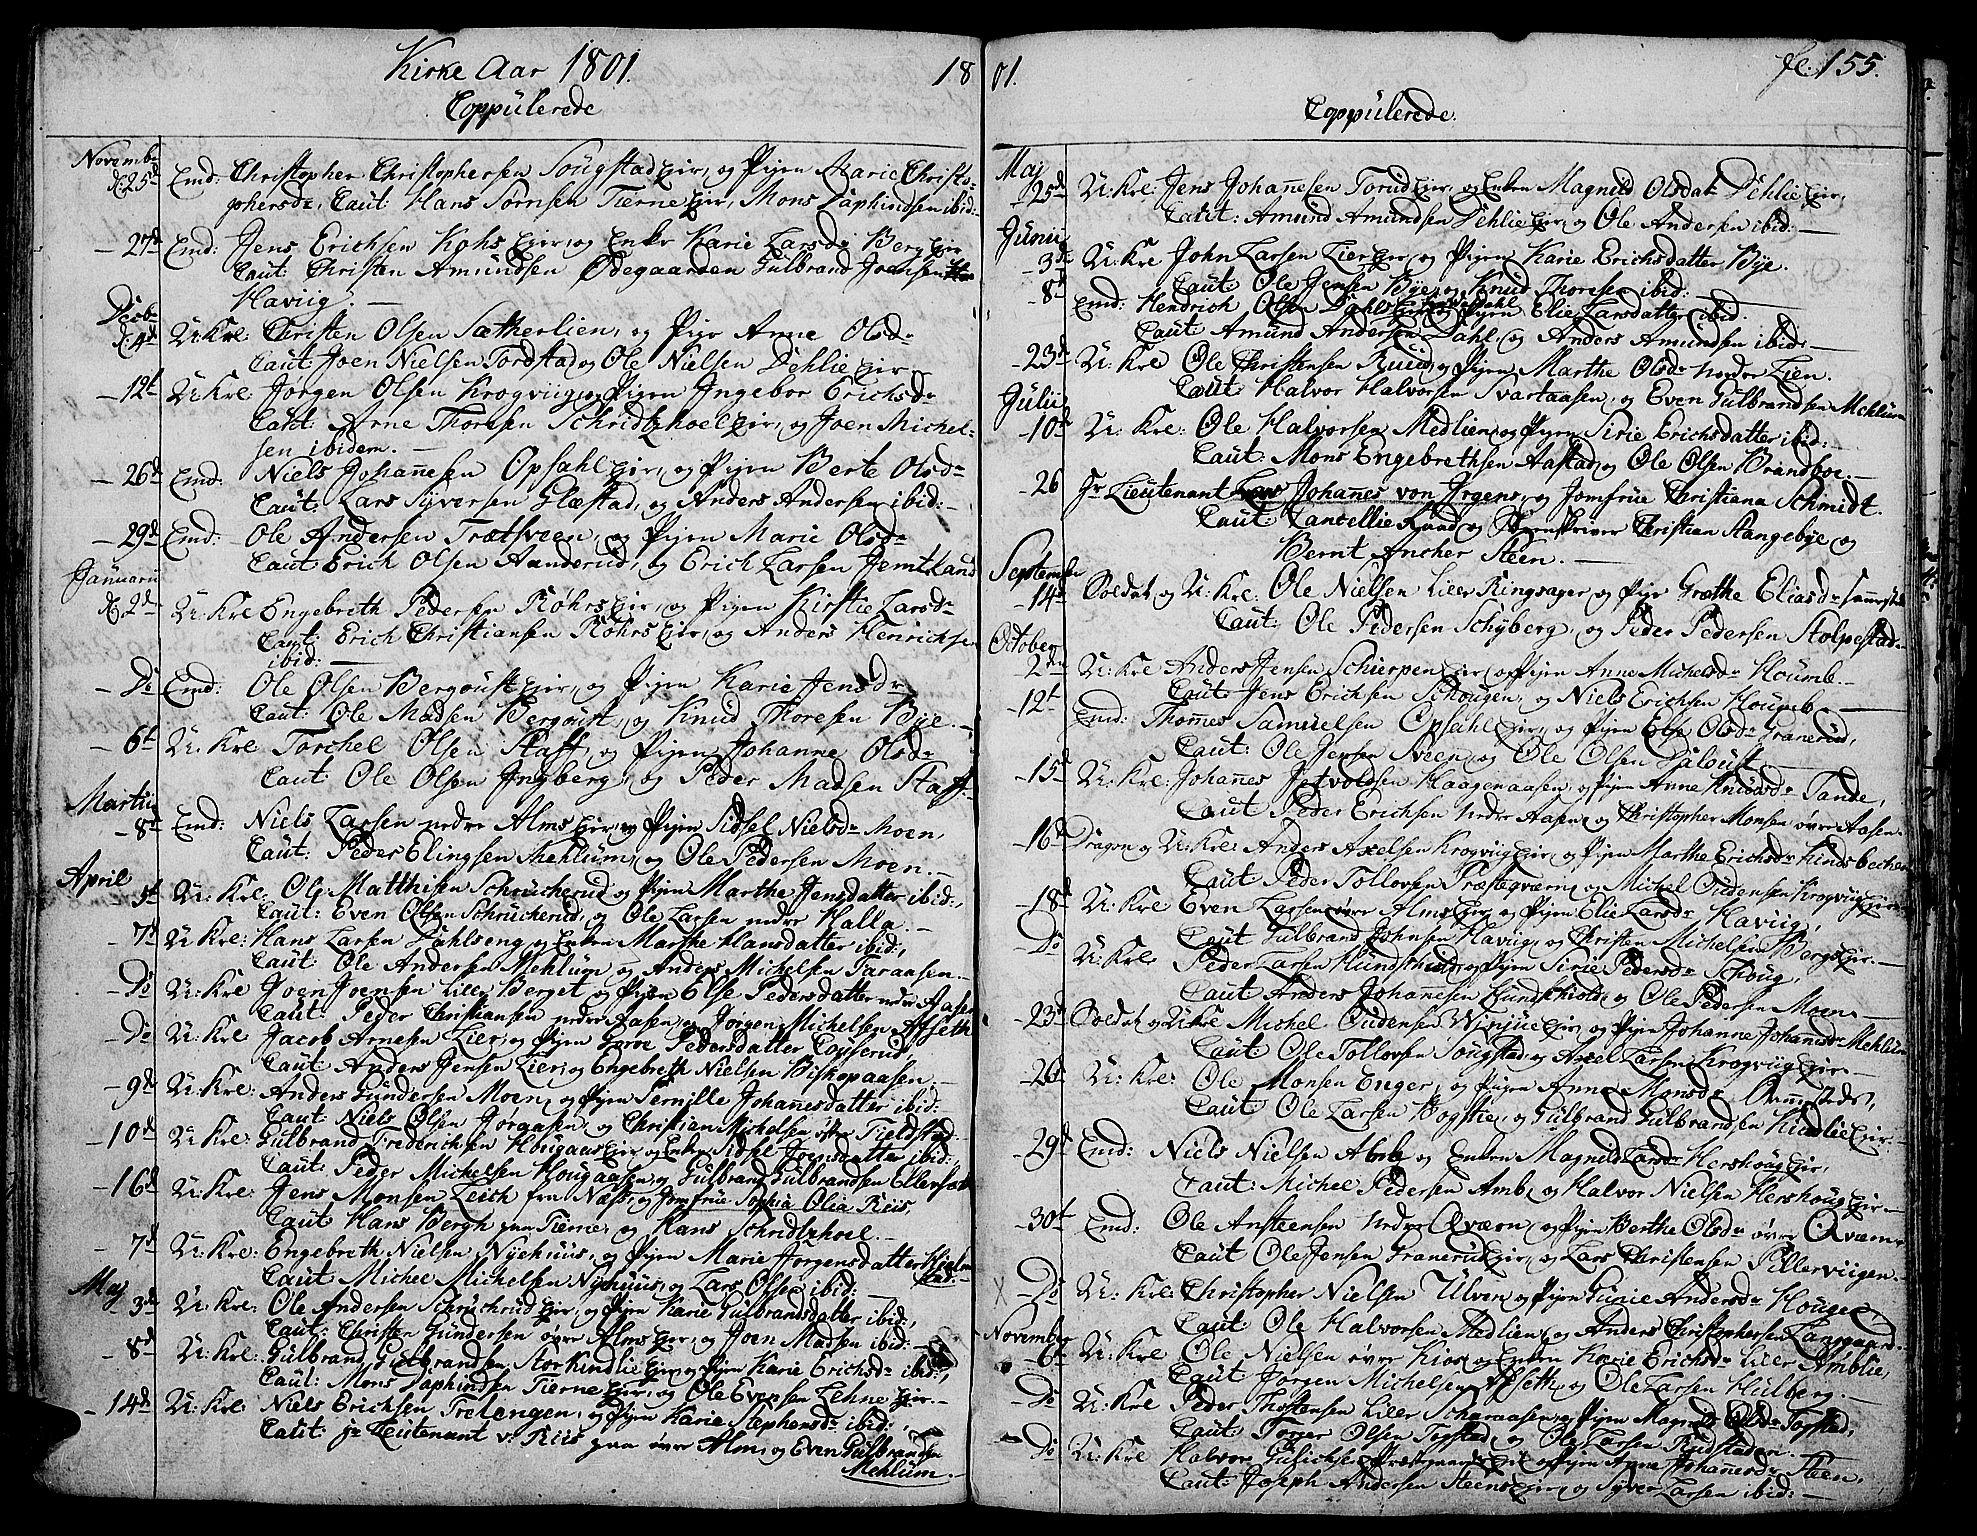 SAH, Ringsaker prestekontor, K/Ka/L0004: Parish register (official) no. 4, 1799-1814, p. 155